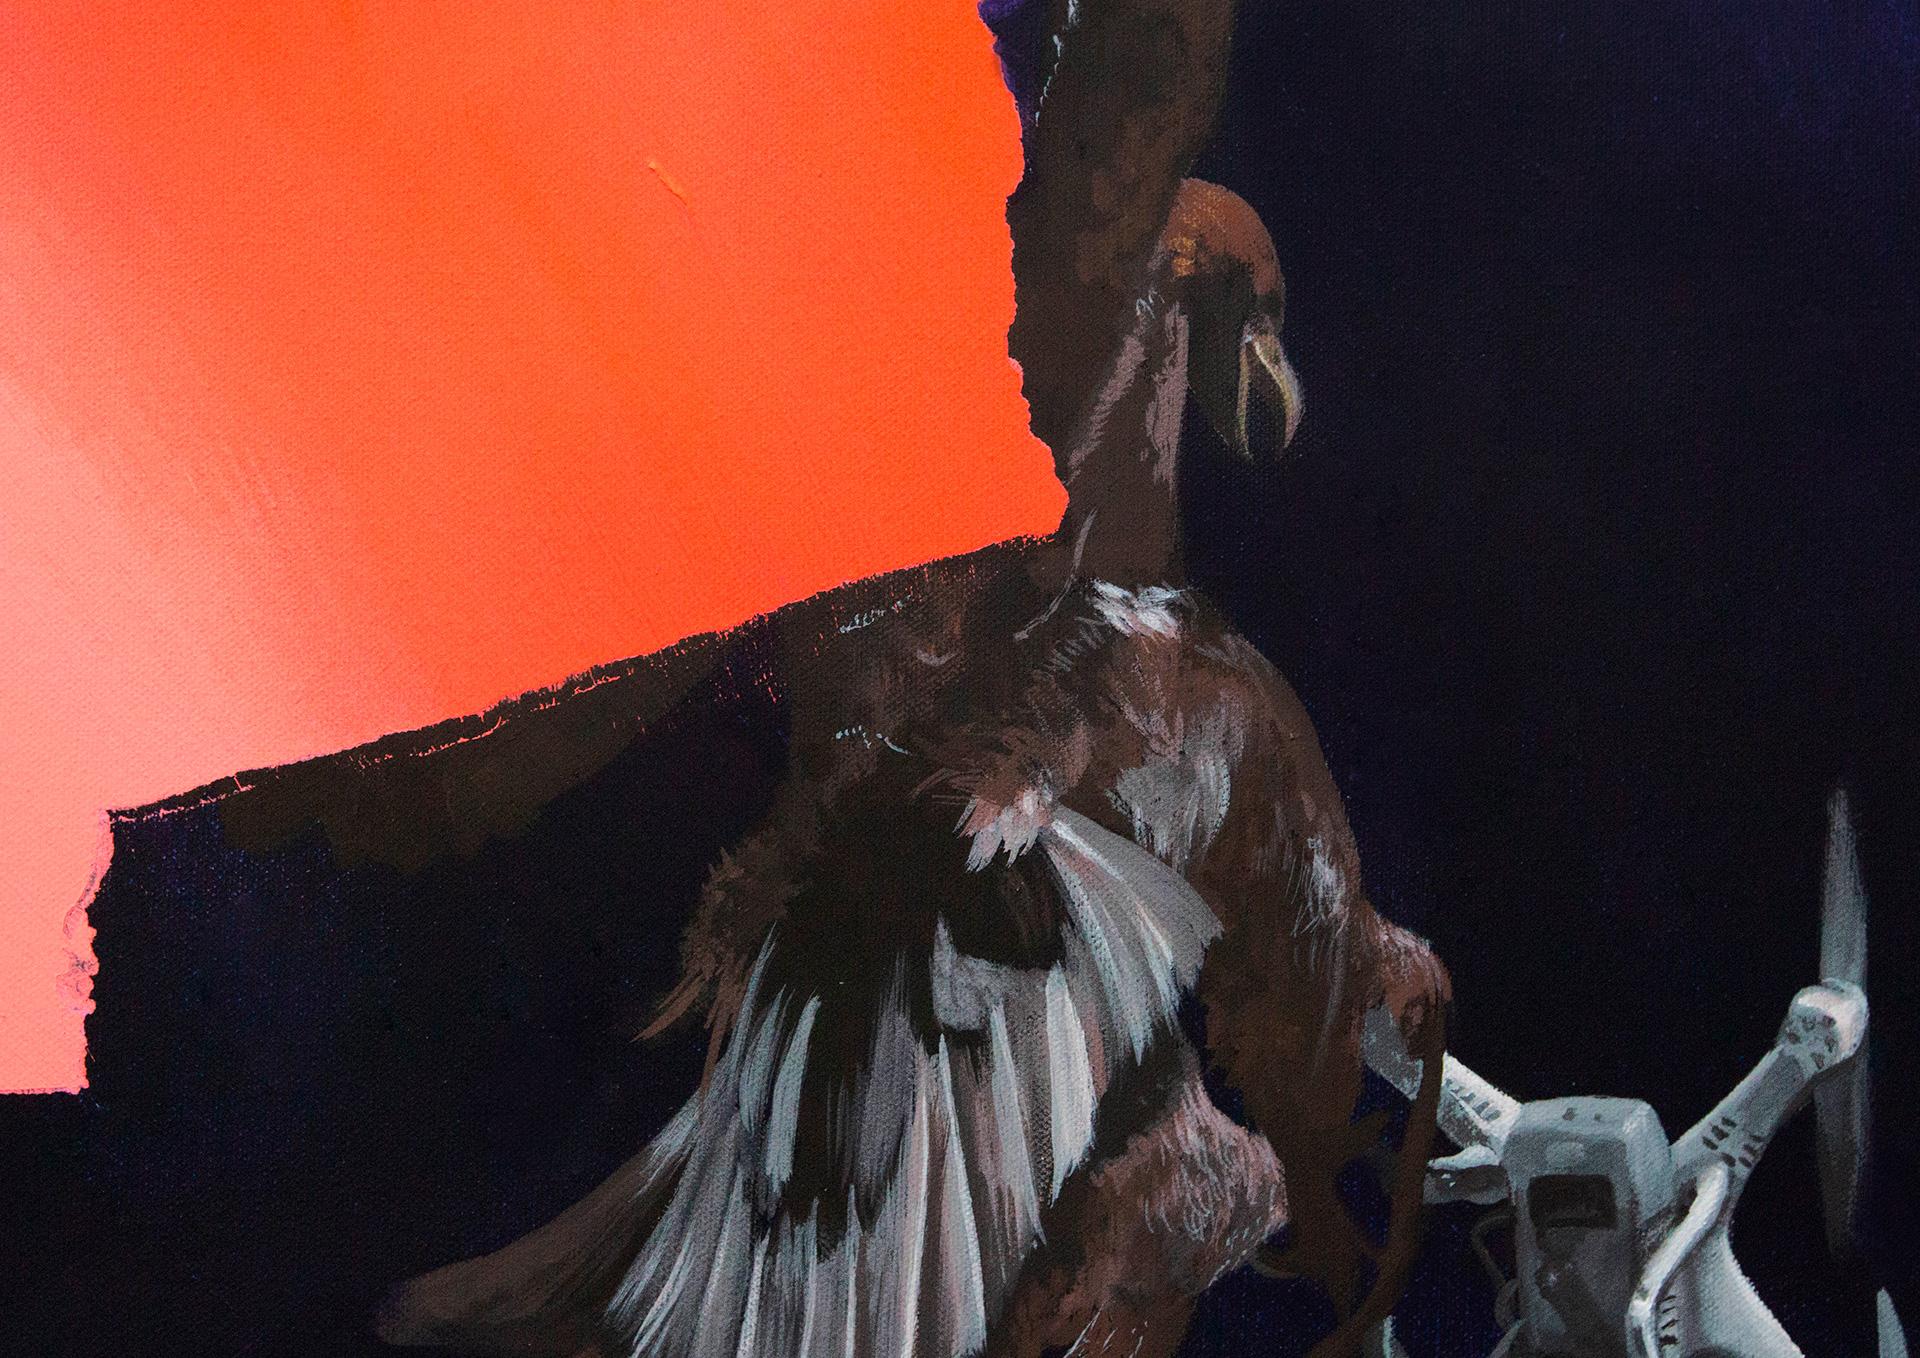 13 Andrea Martinucci - Glory Black Hole, exhibition view, Dimora Artica (ph Andrea Cenetiempo).jpg